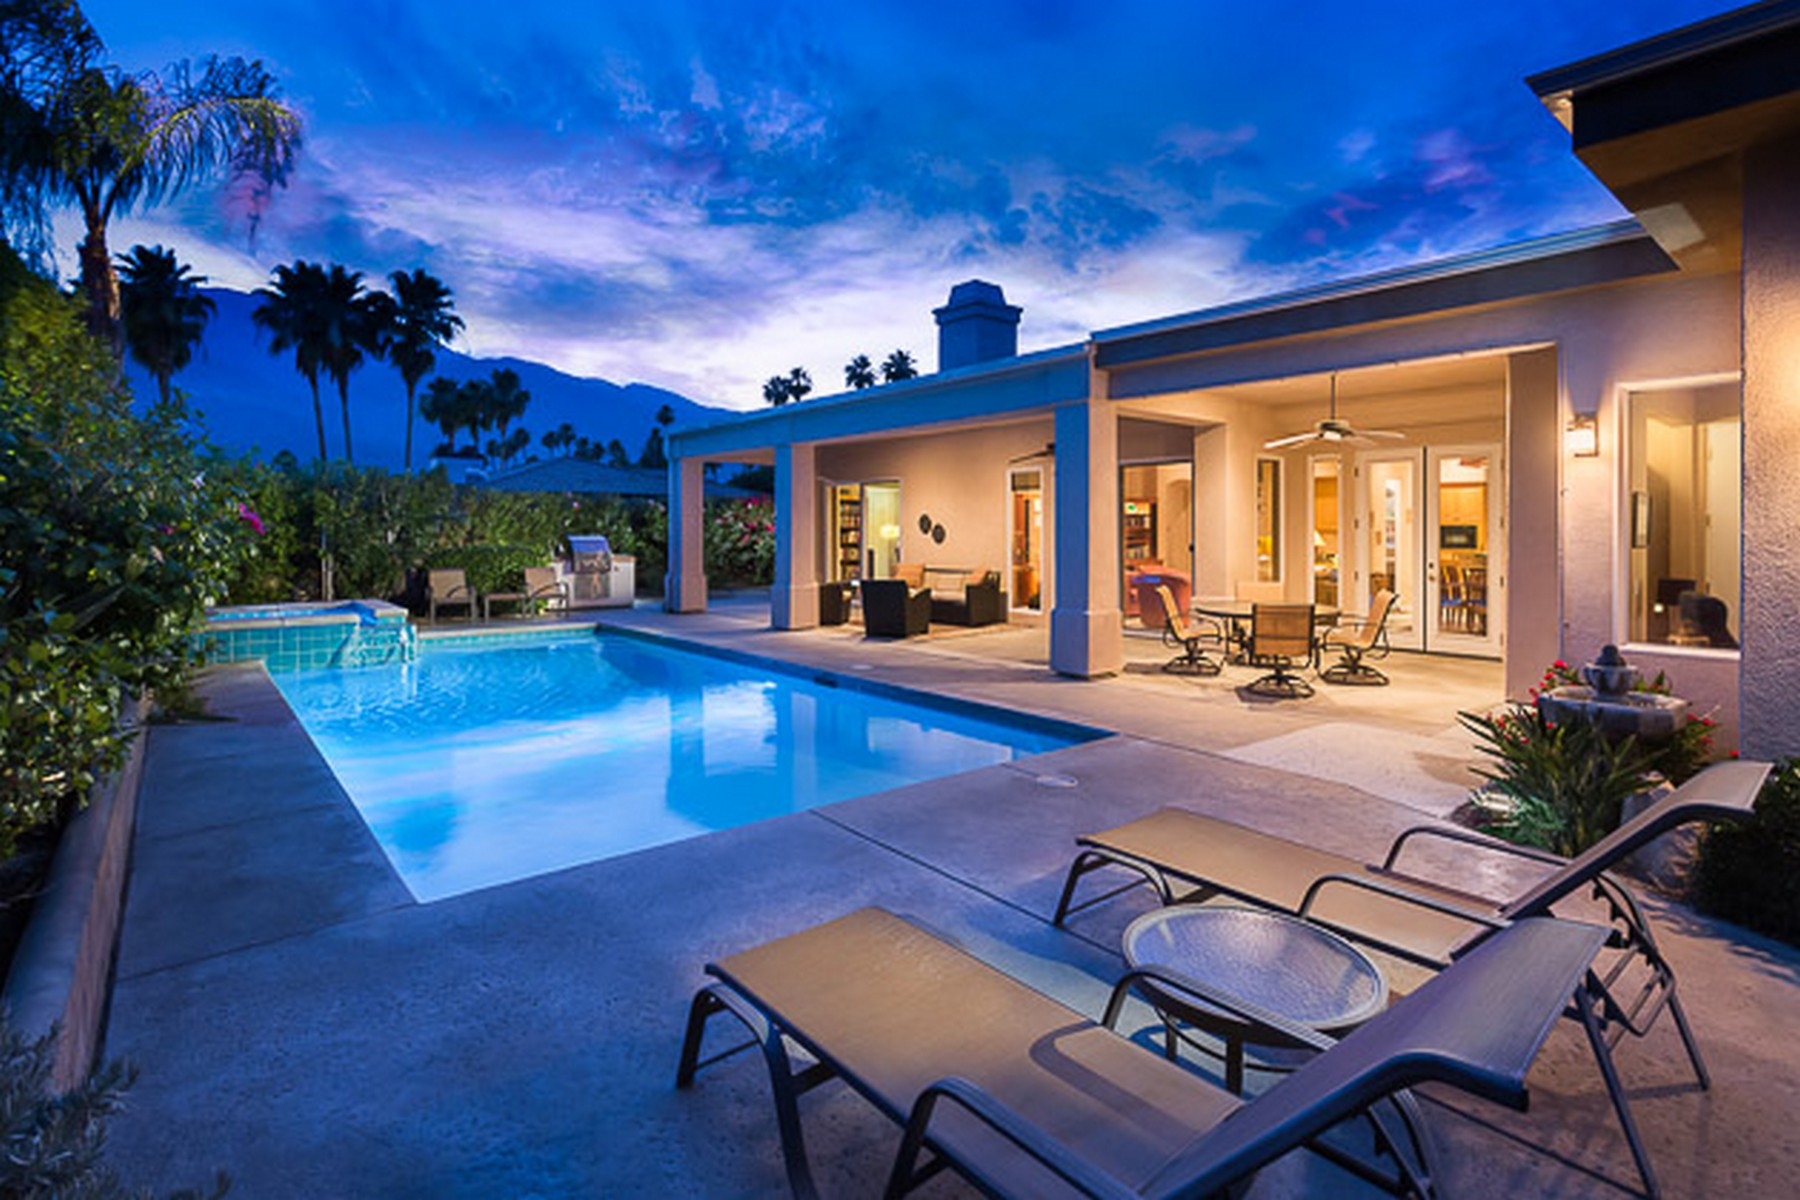 独户住宅 为 销售 在 2793 East Morongo Trails Palm Springs, 加利福尼亚州 92264 美国